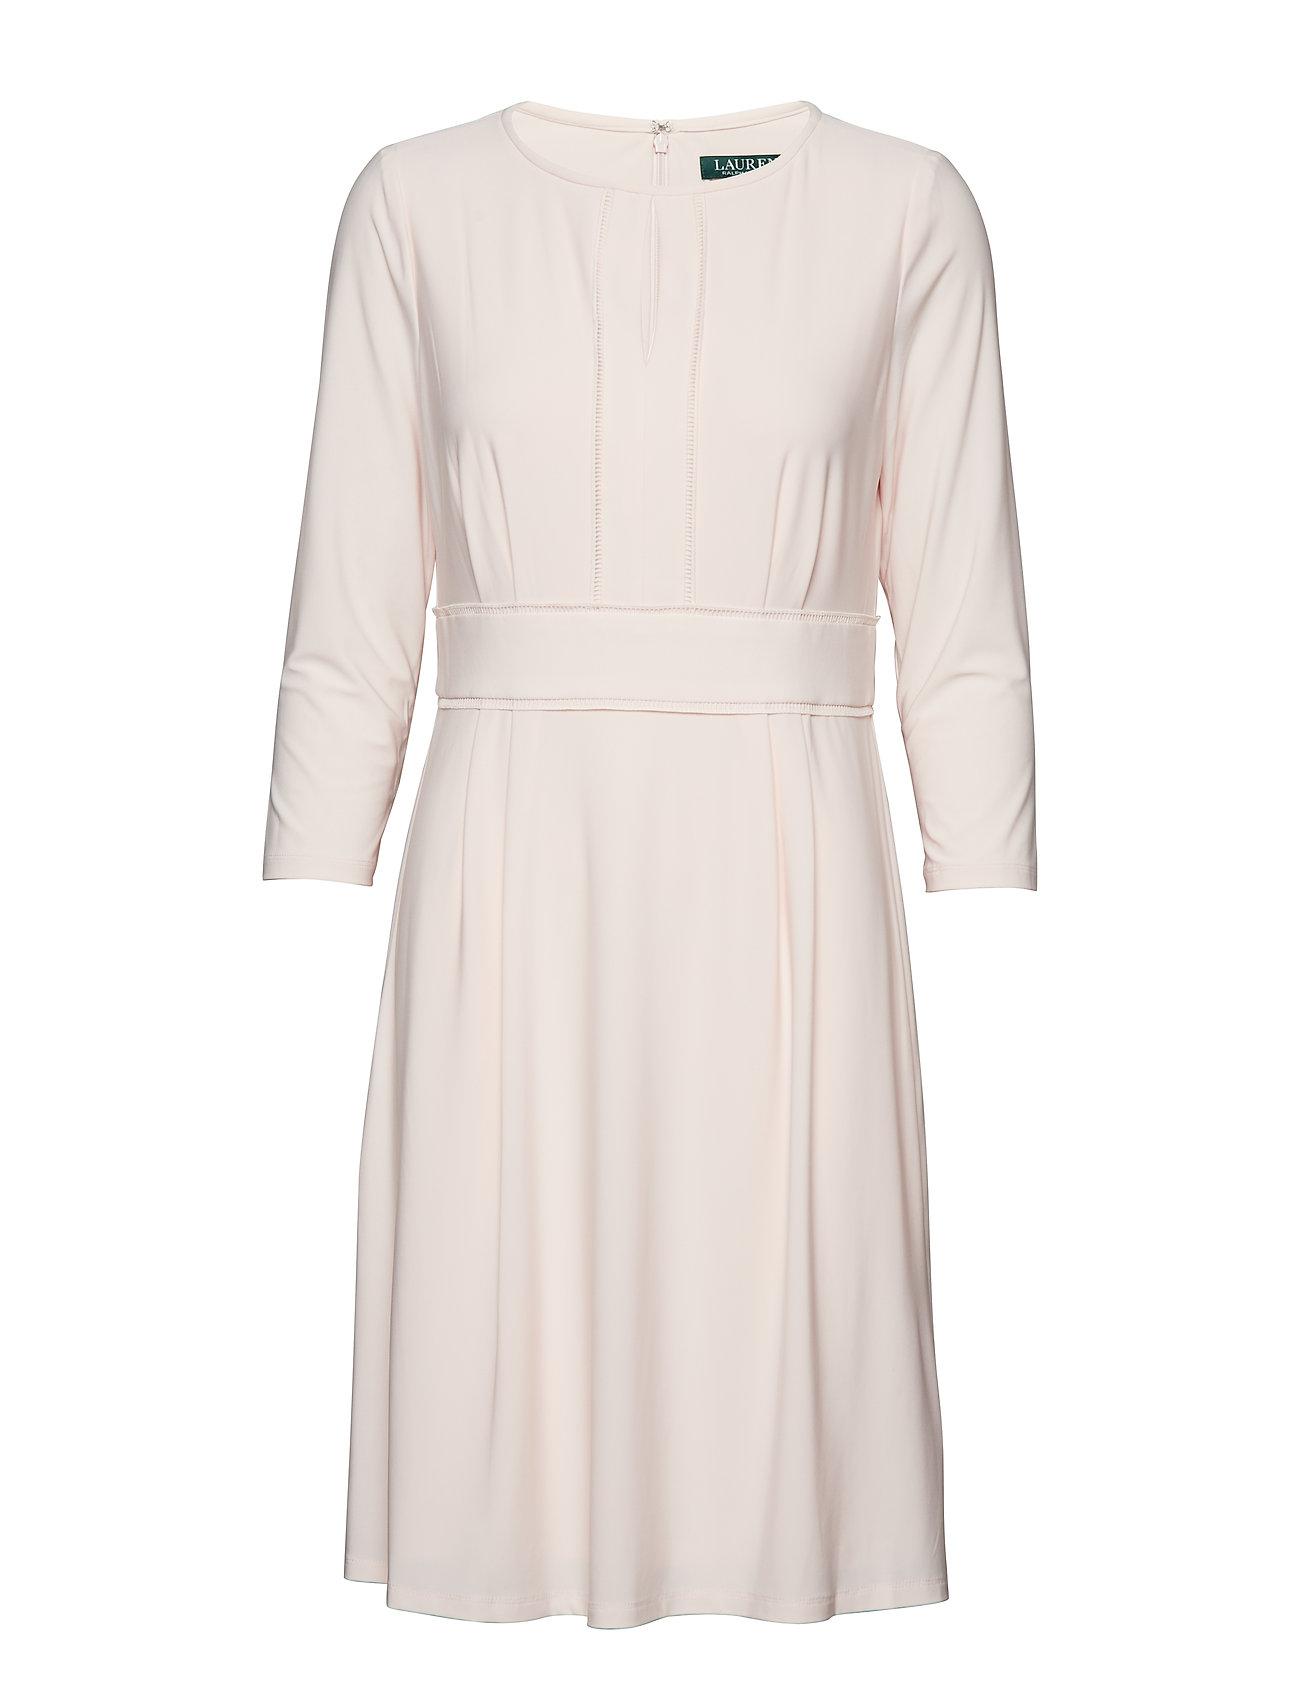 Lauren Ralph Lauren HANLEY-LONG SLEEVE-DAY DRESS - BELLE ROSE